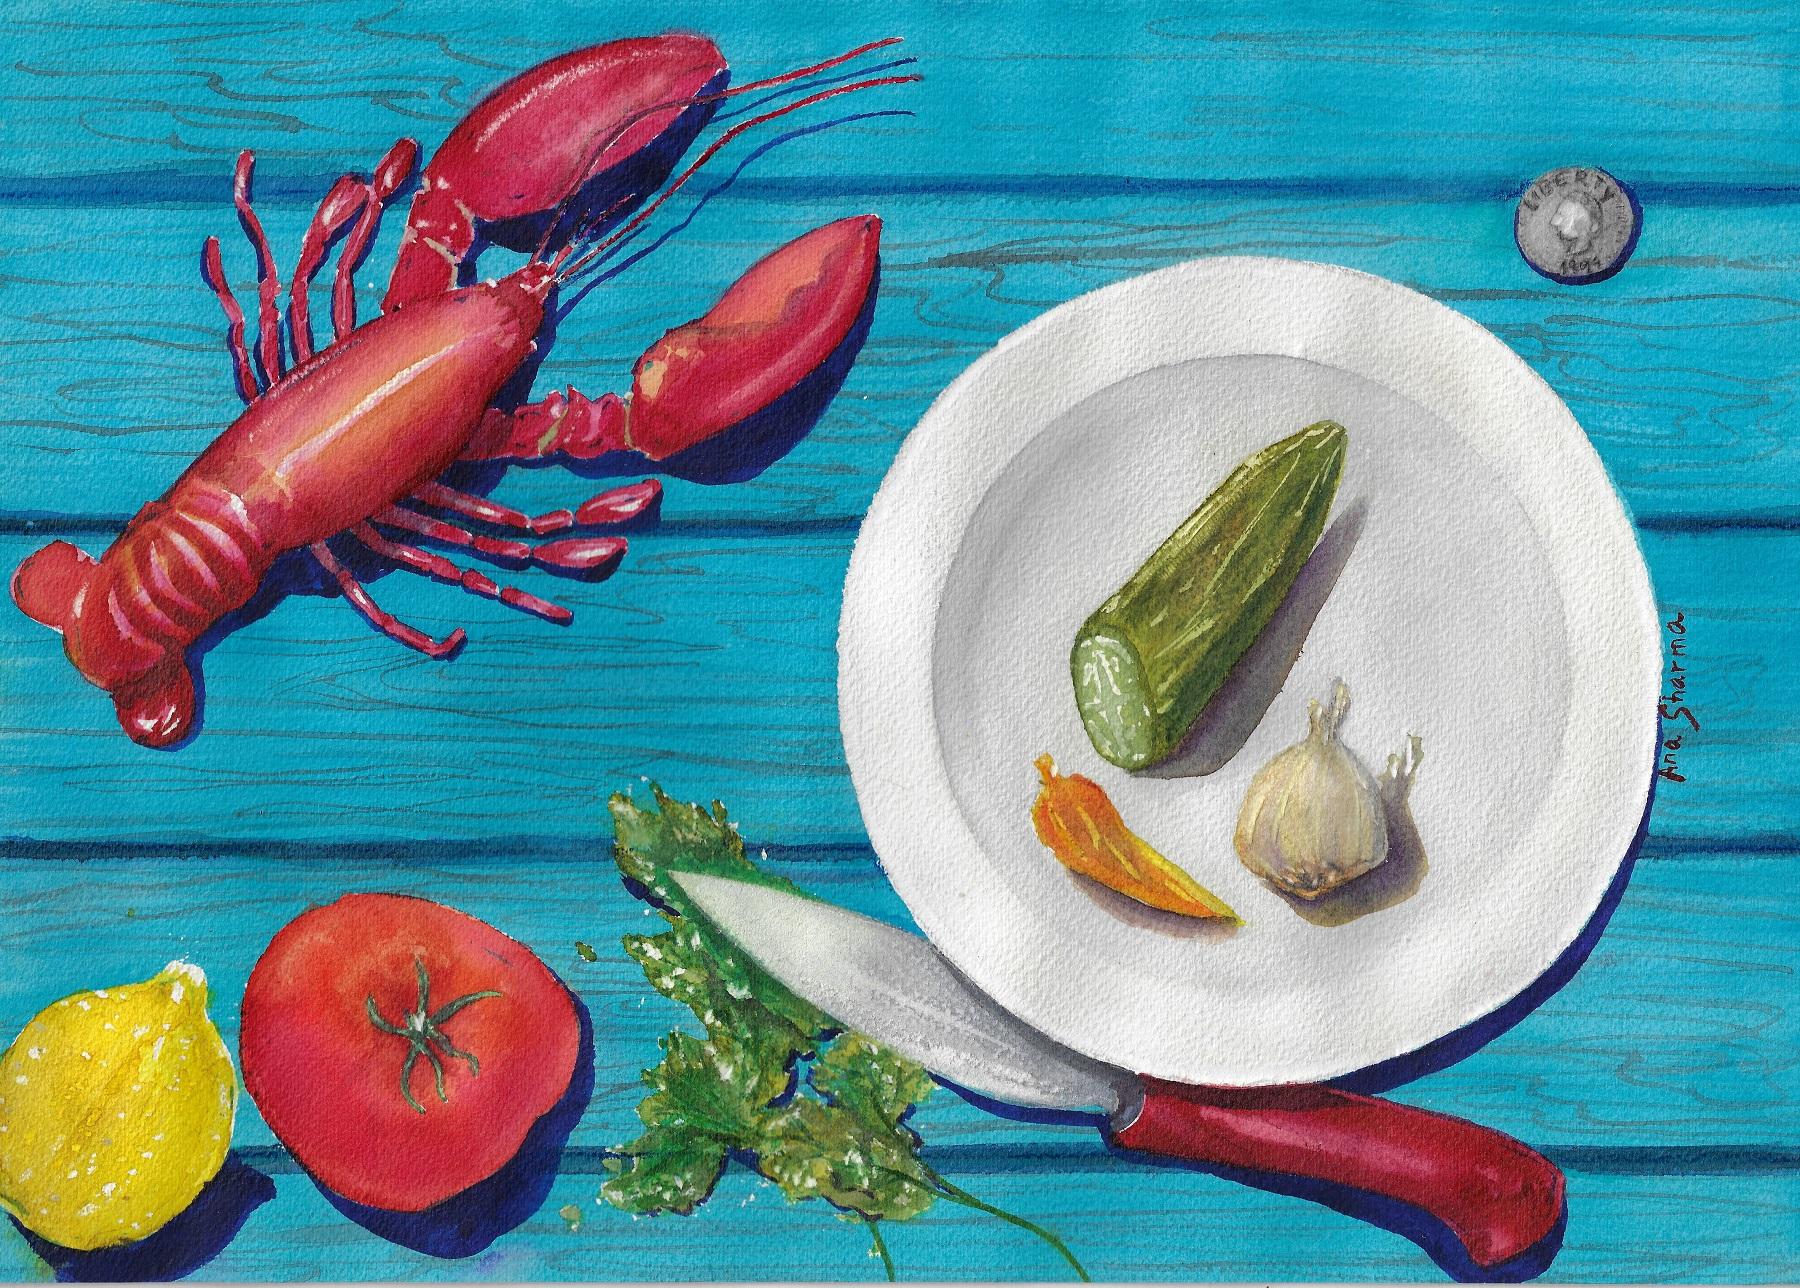 SOLD - Little lobster for dinner